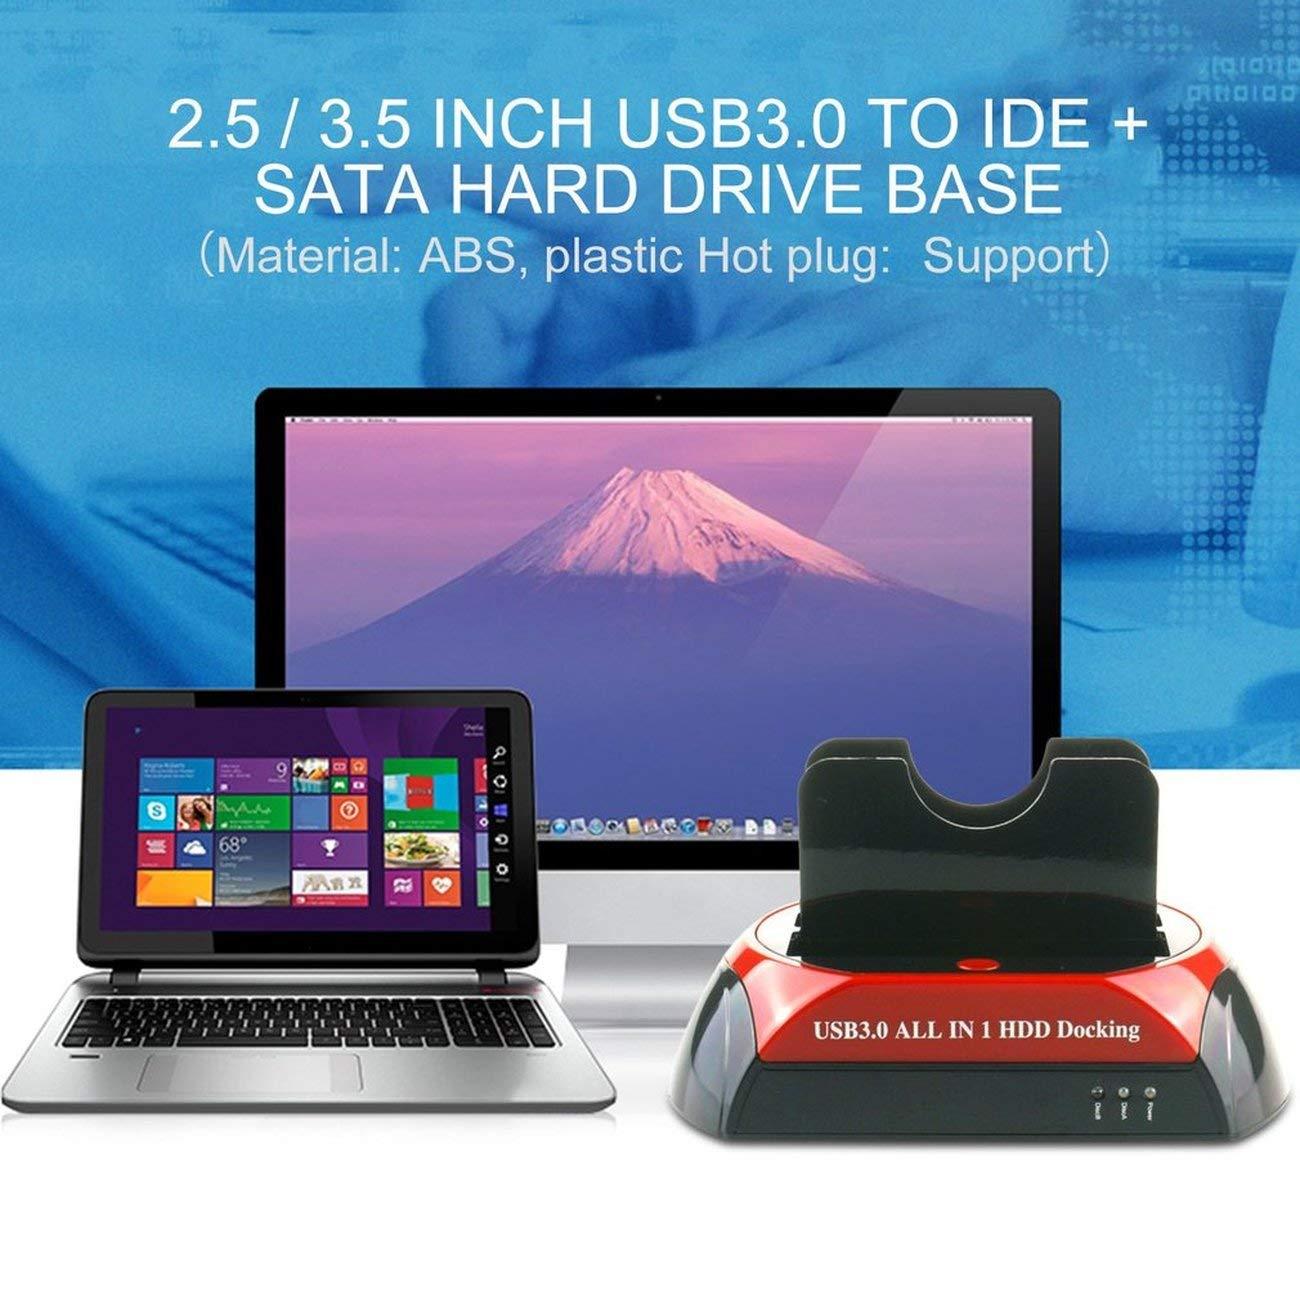 875U3-J All in 1 HDD Docking 2.5//3.5 USB 3.0//2.0 A IDE SATA Dock Station 5GB s Transferencia de Alta Velocidad con Adaptador de Corriente JBP-X